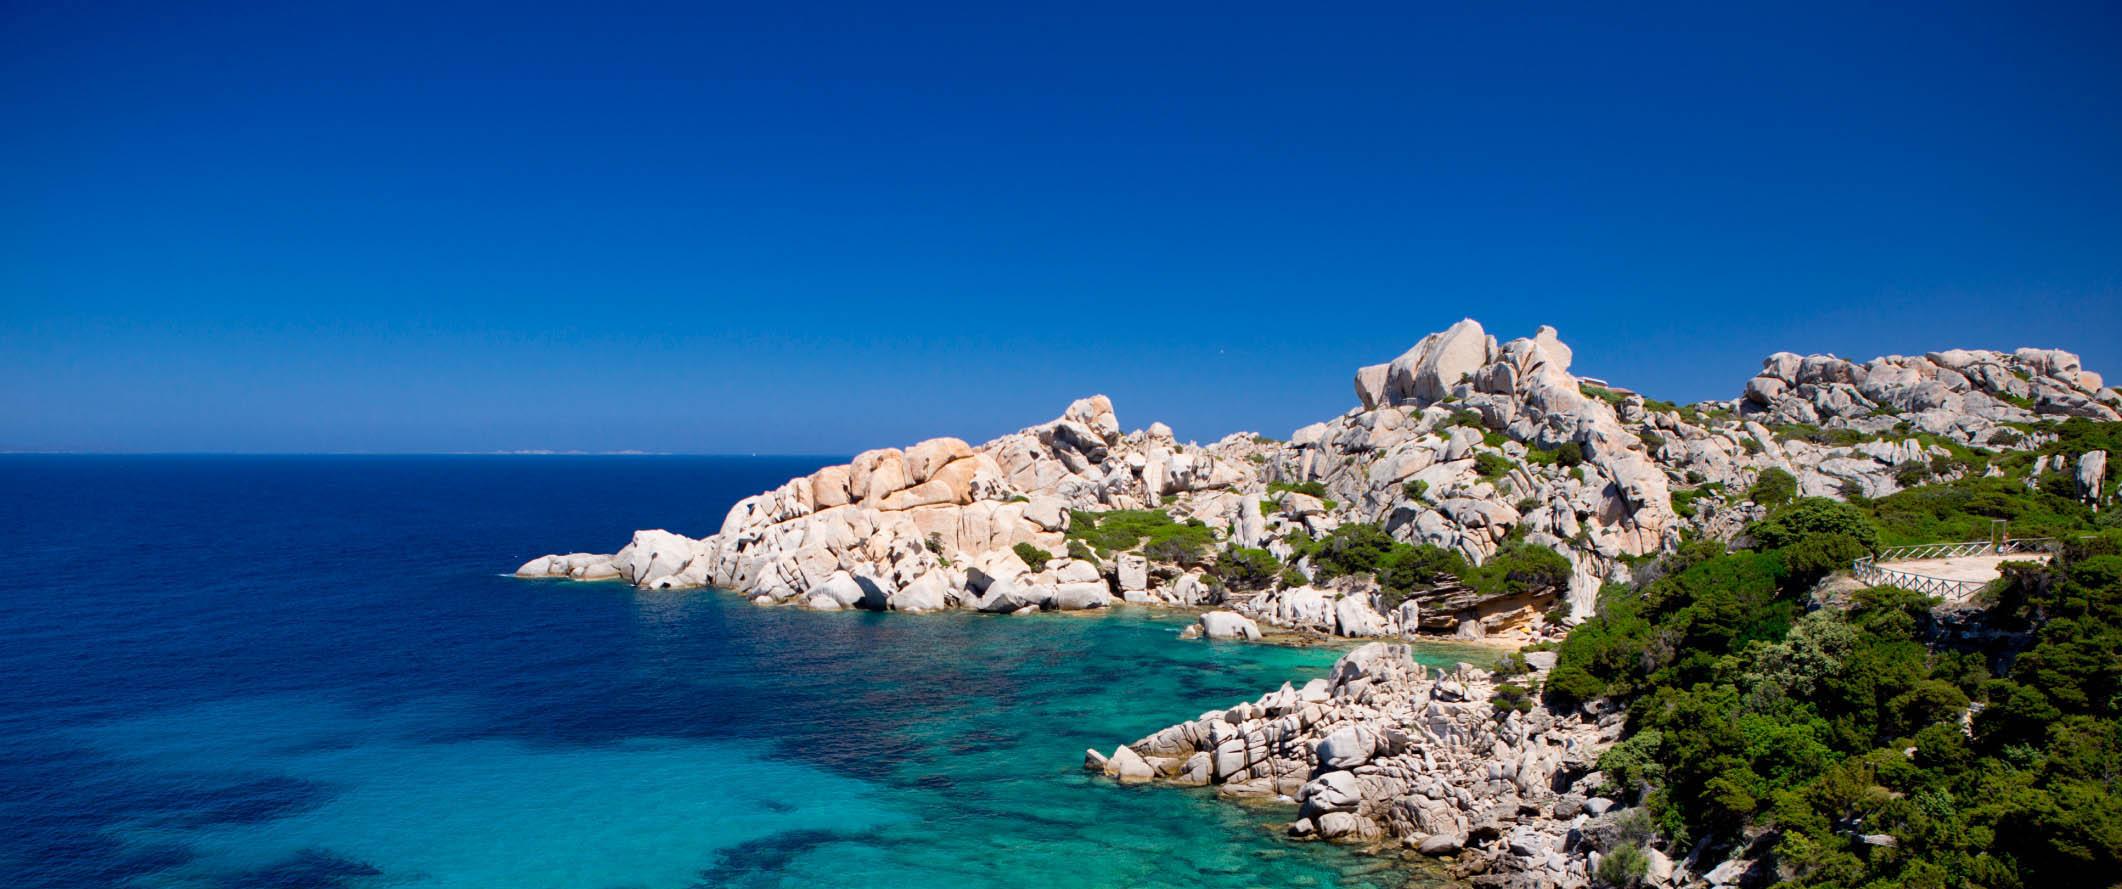 offerte vacanze sardegna con nave gratis